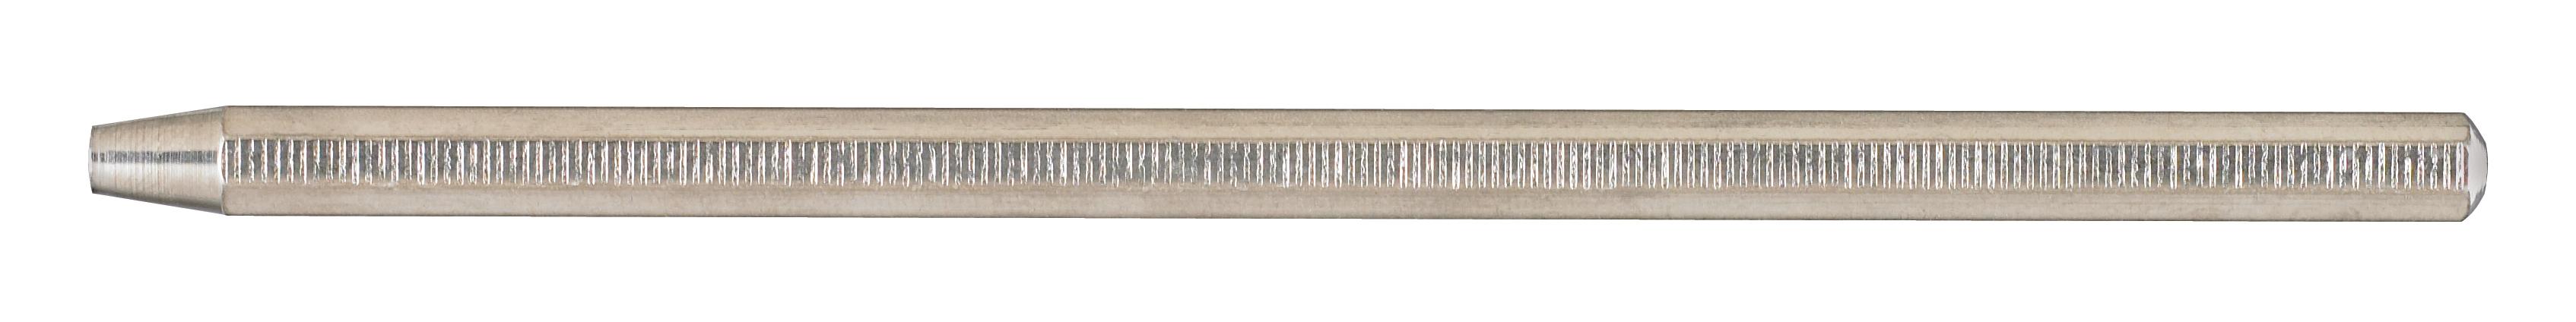 mirror-handle-octagonal-simple-stem-67-684-miltex.jpg